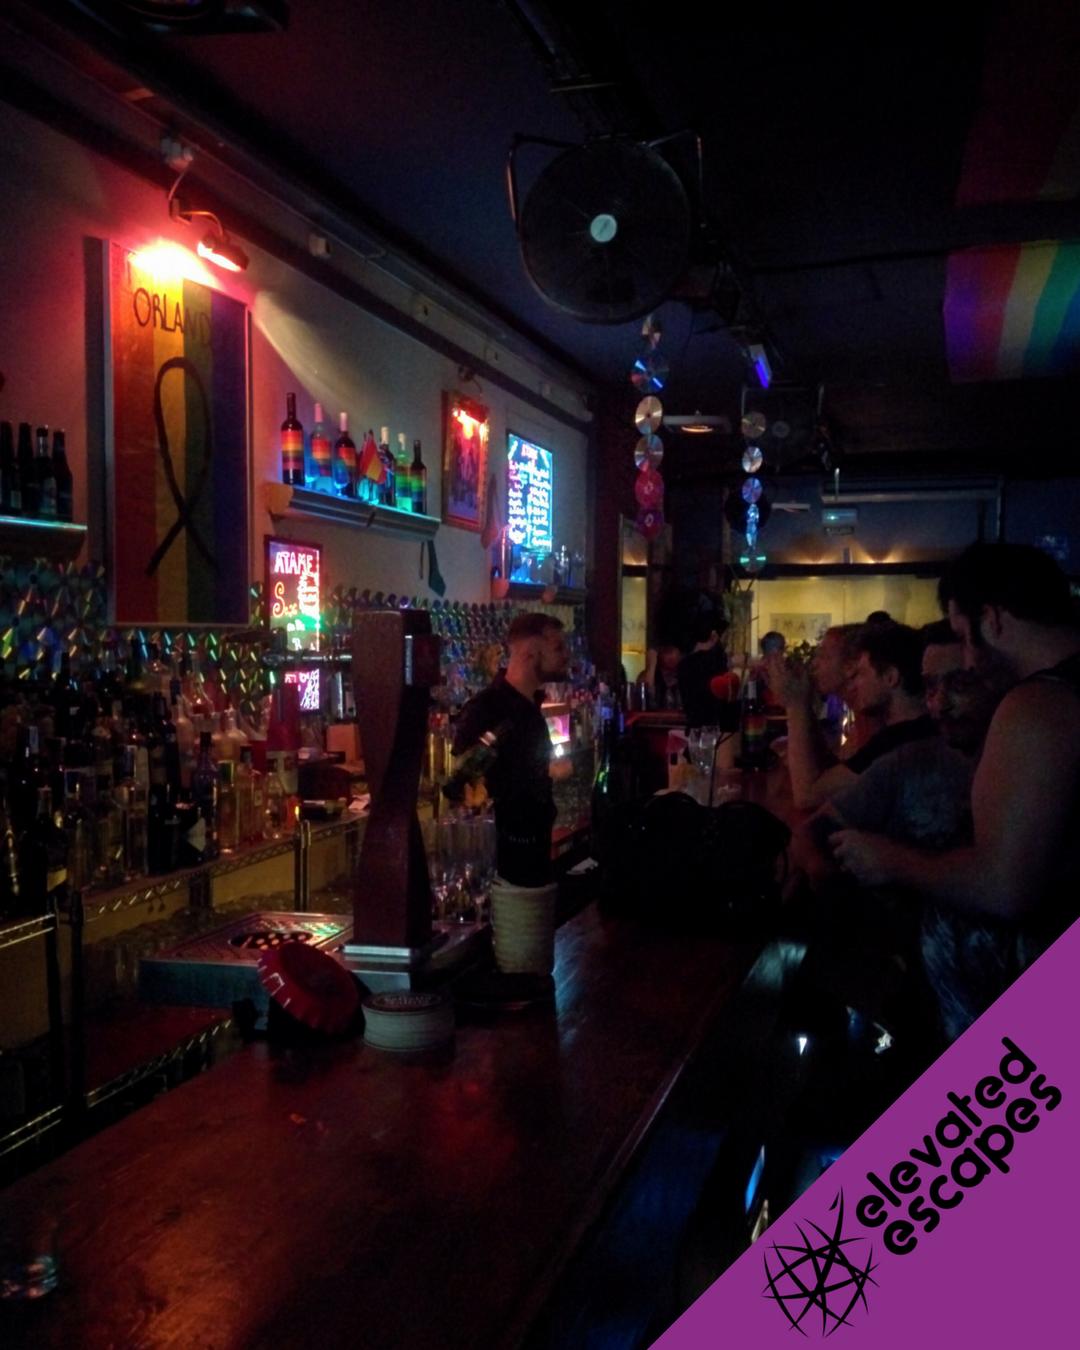 Átame Bar